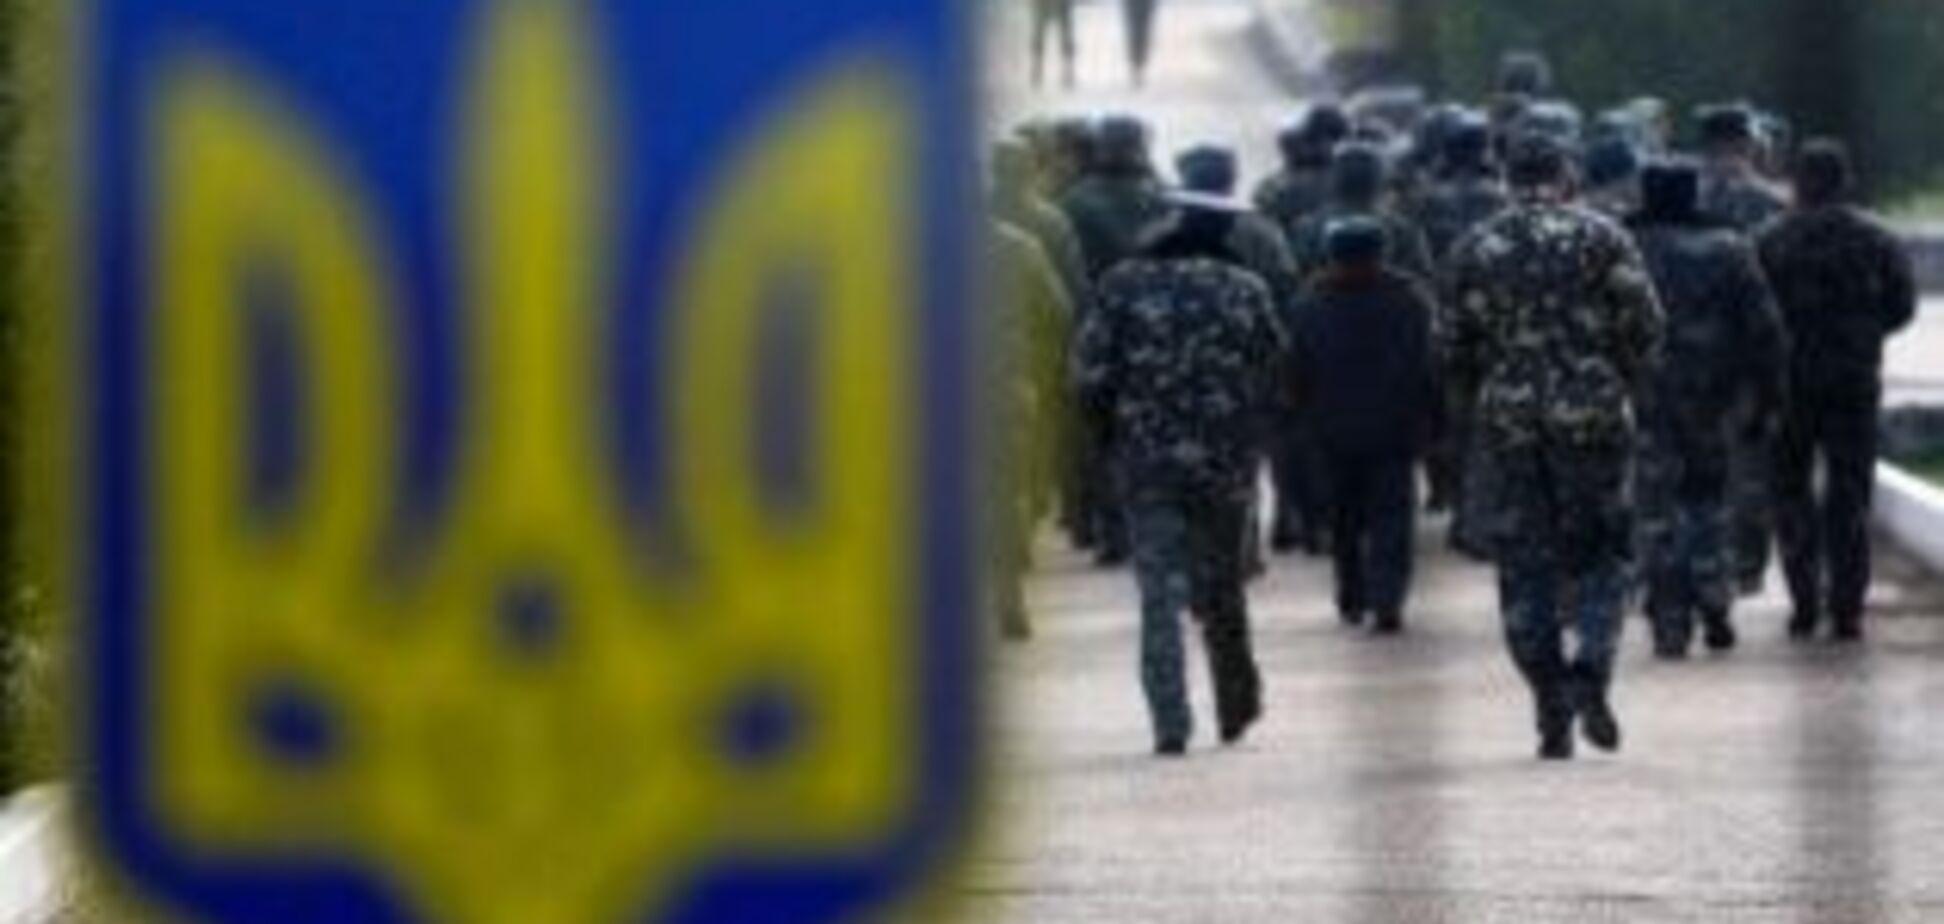 Навіщо було оприлюднено цифри кримських зрадників: все має свою ціну і зрада теж